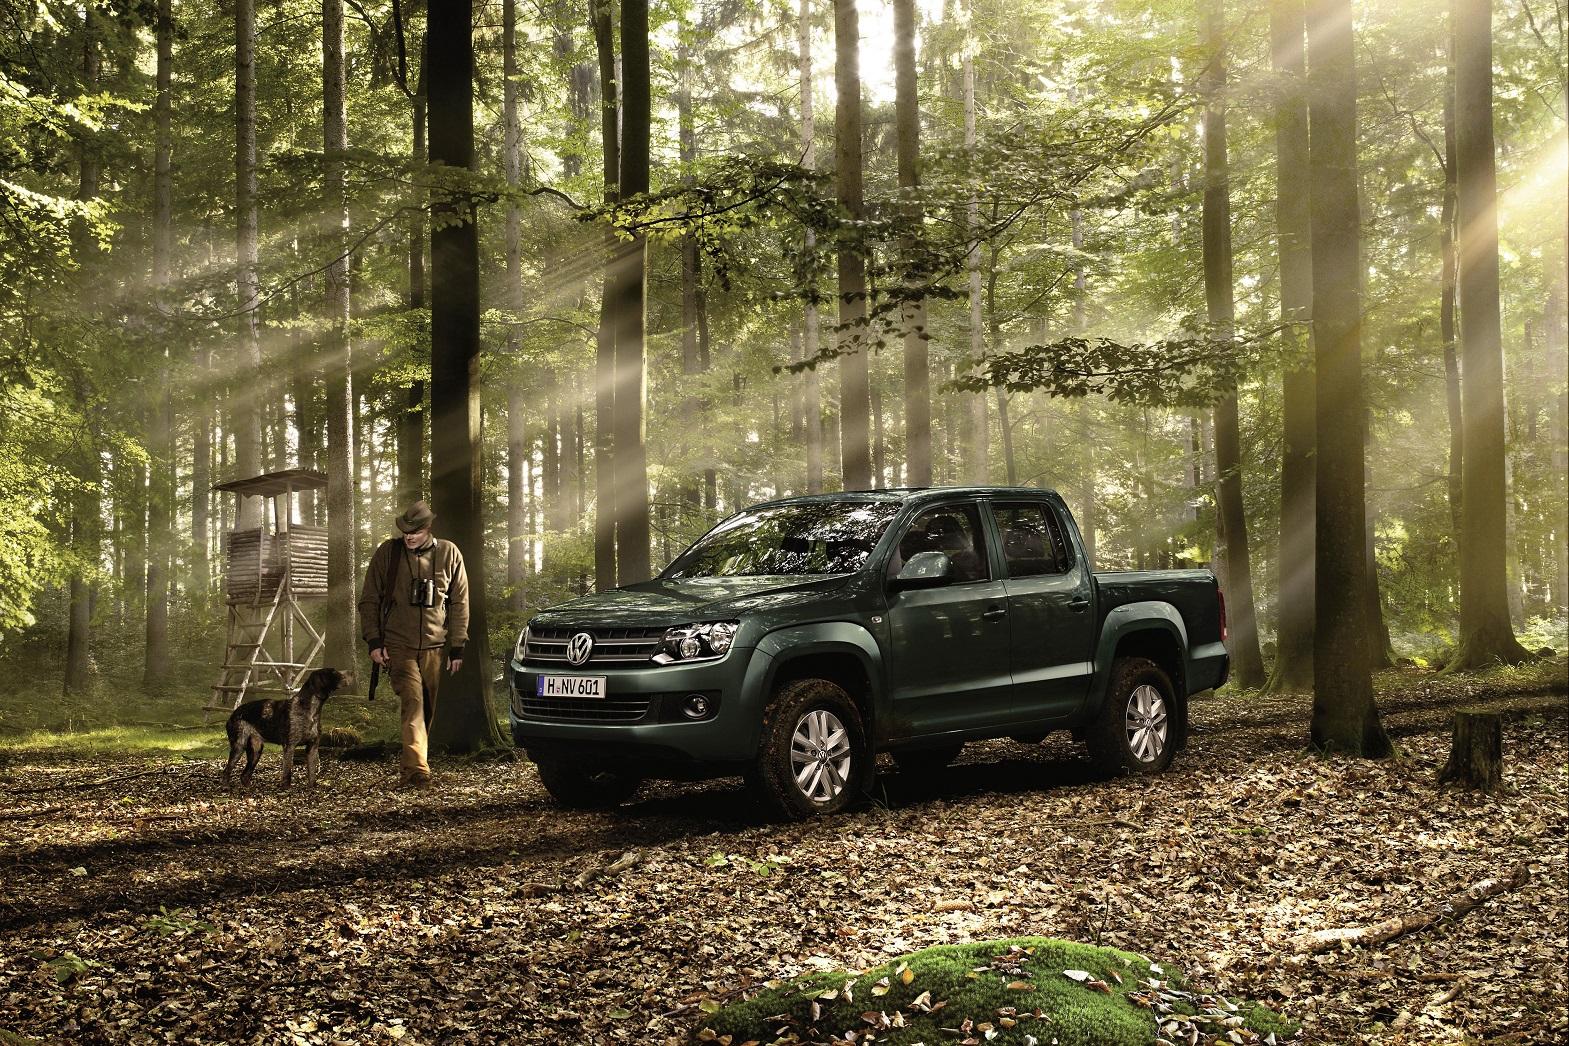 Volkswagen praesentiert sich auf der Jagd Hund